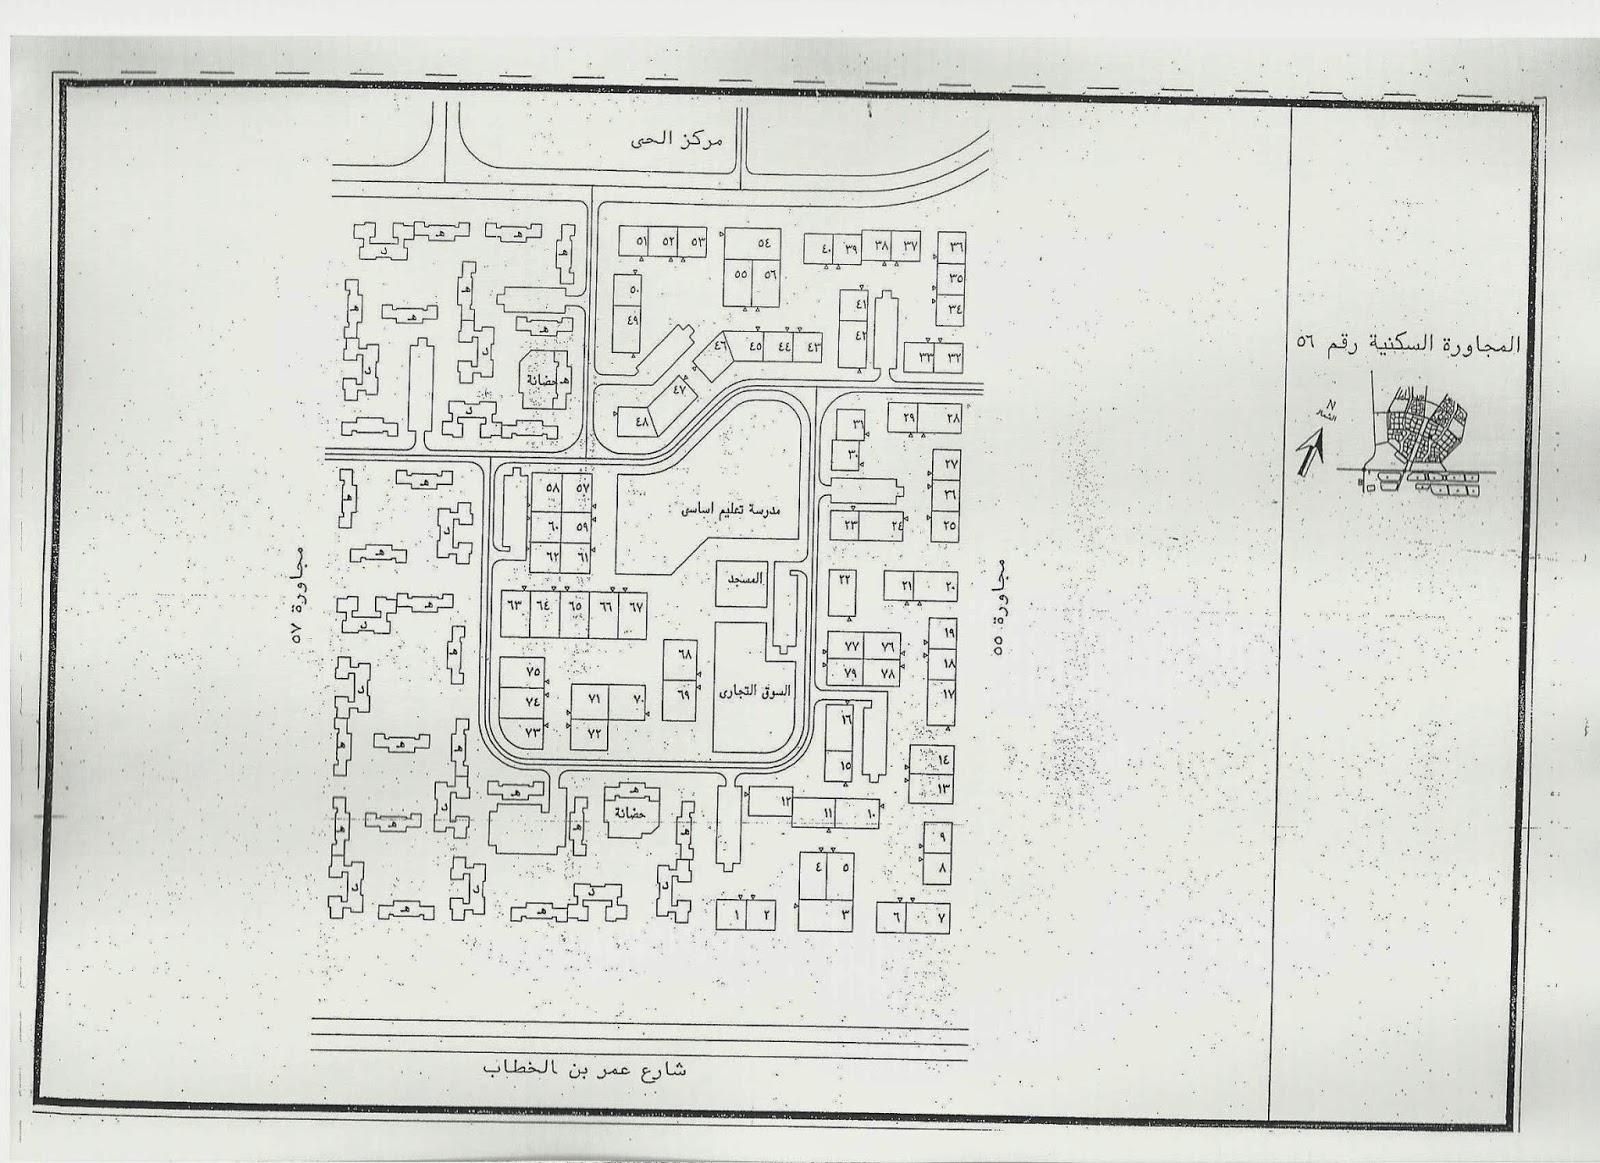 خريطة المجاورة 56 بالعاشر من رمضان